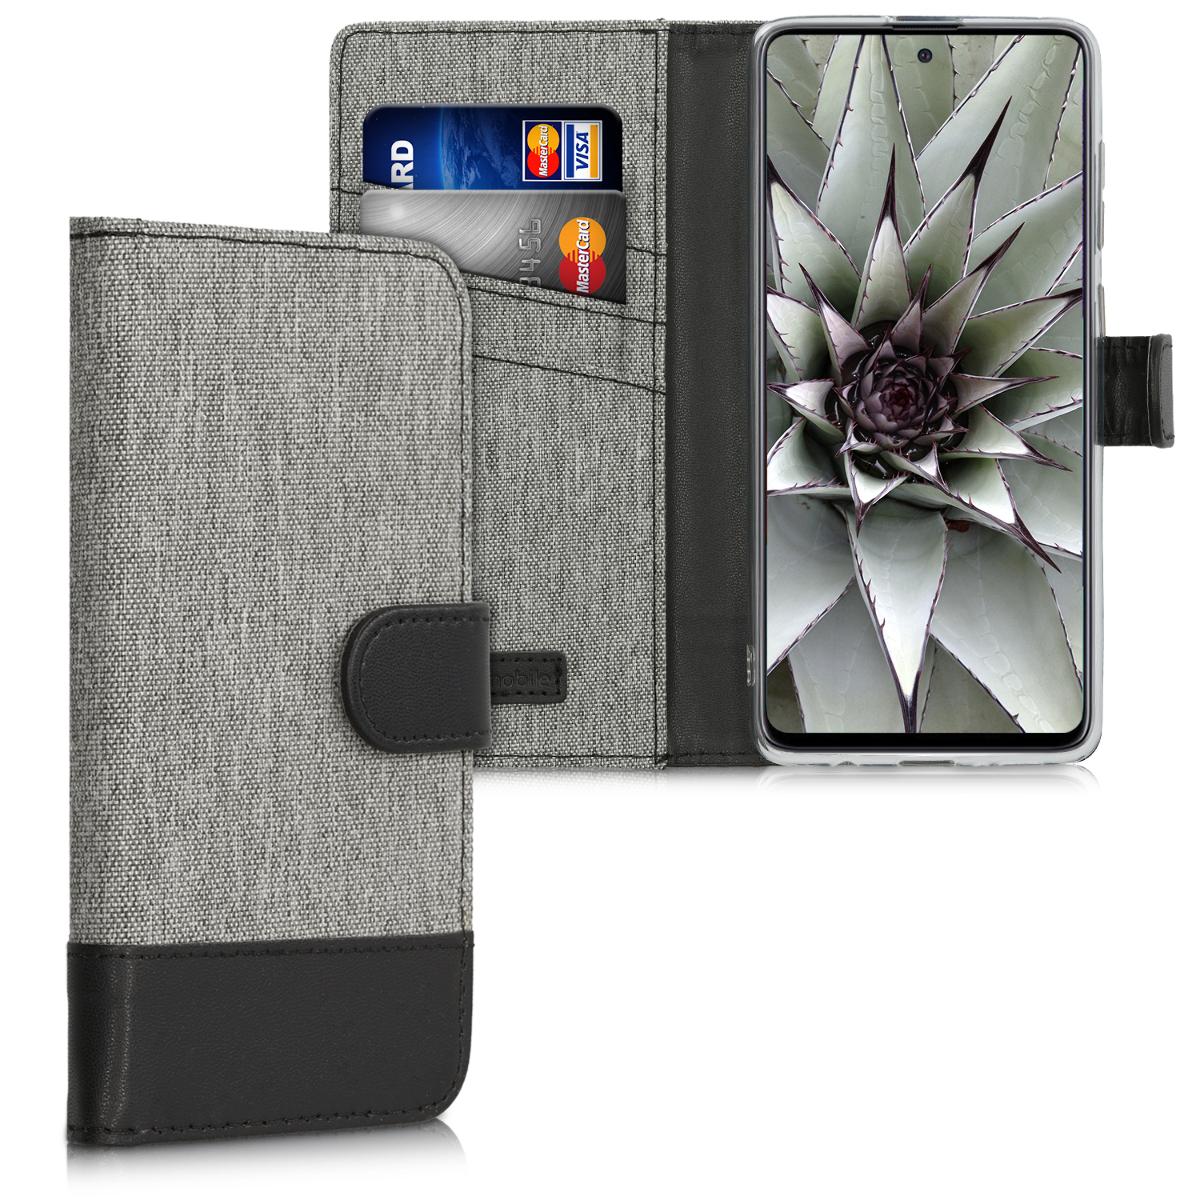 Fabricpouzdro pro Samsung A71 - šedé / černé